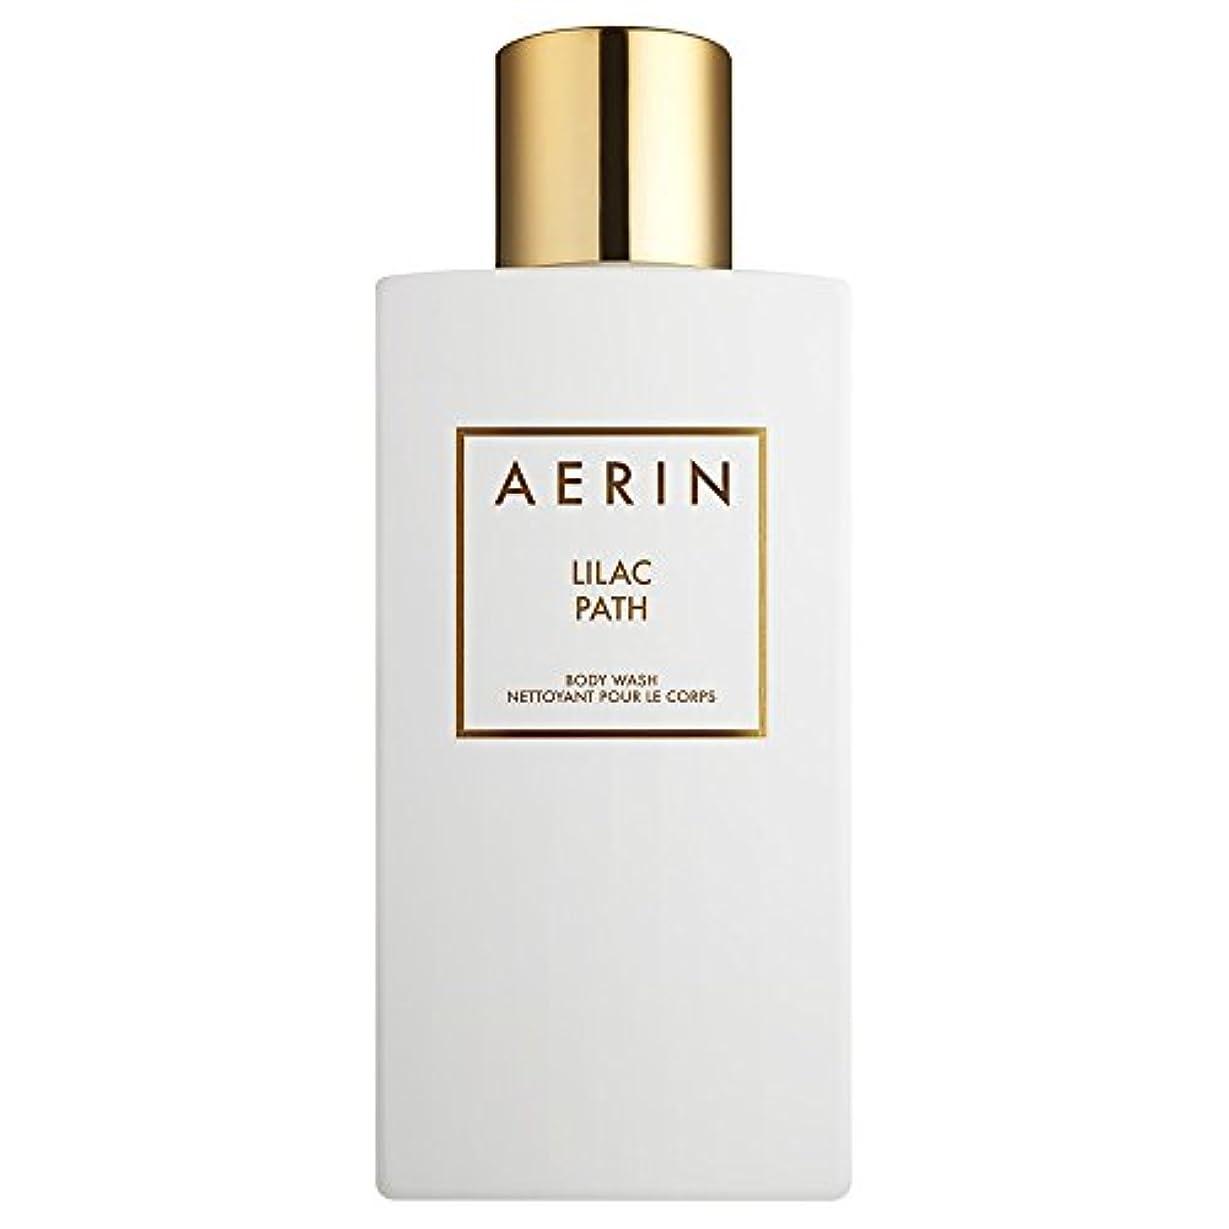 伝統服を洗う変化するAerinライラックパスボディウォッシュ225ミリリットル (AERIN) - AERIN Lilac Path Bodywash 225ml [並行輸入品]